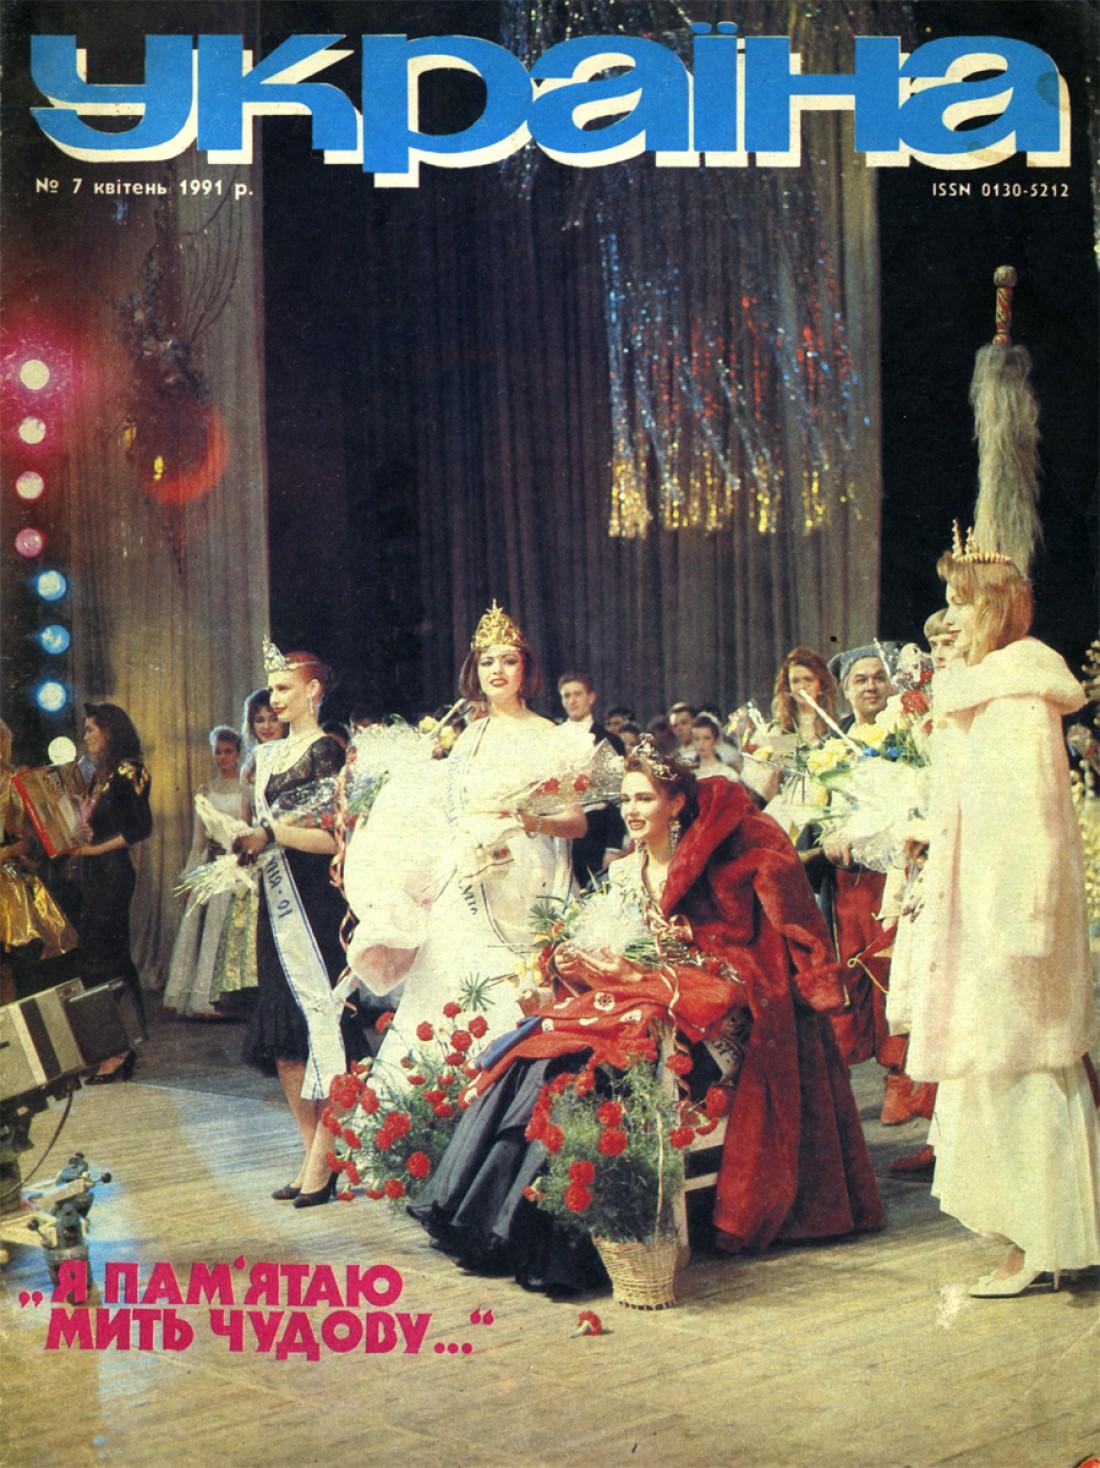 Конкурс красоты Мисс Украина празднует 25 летие